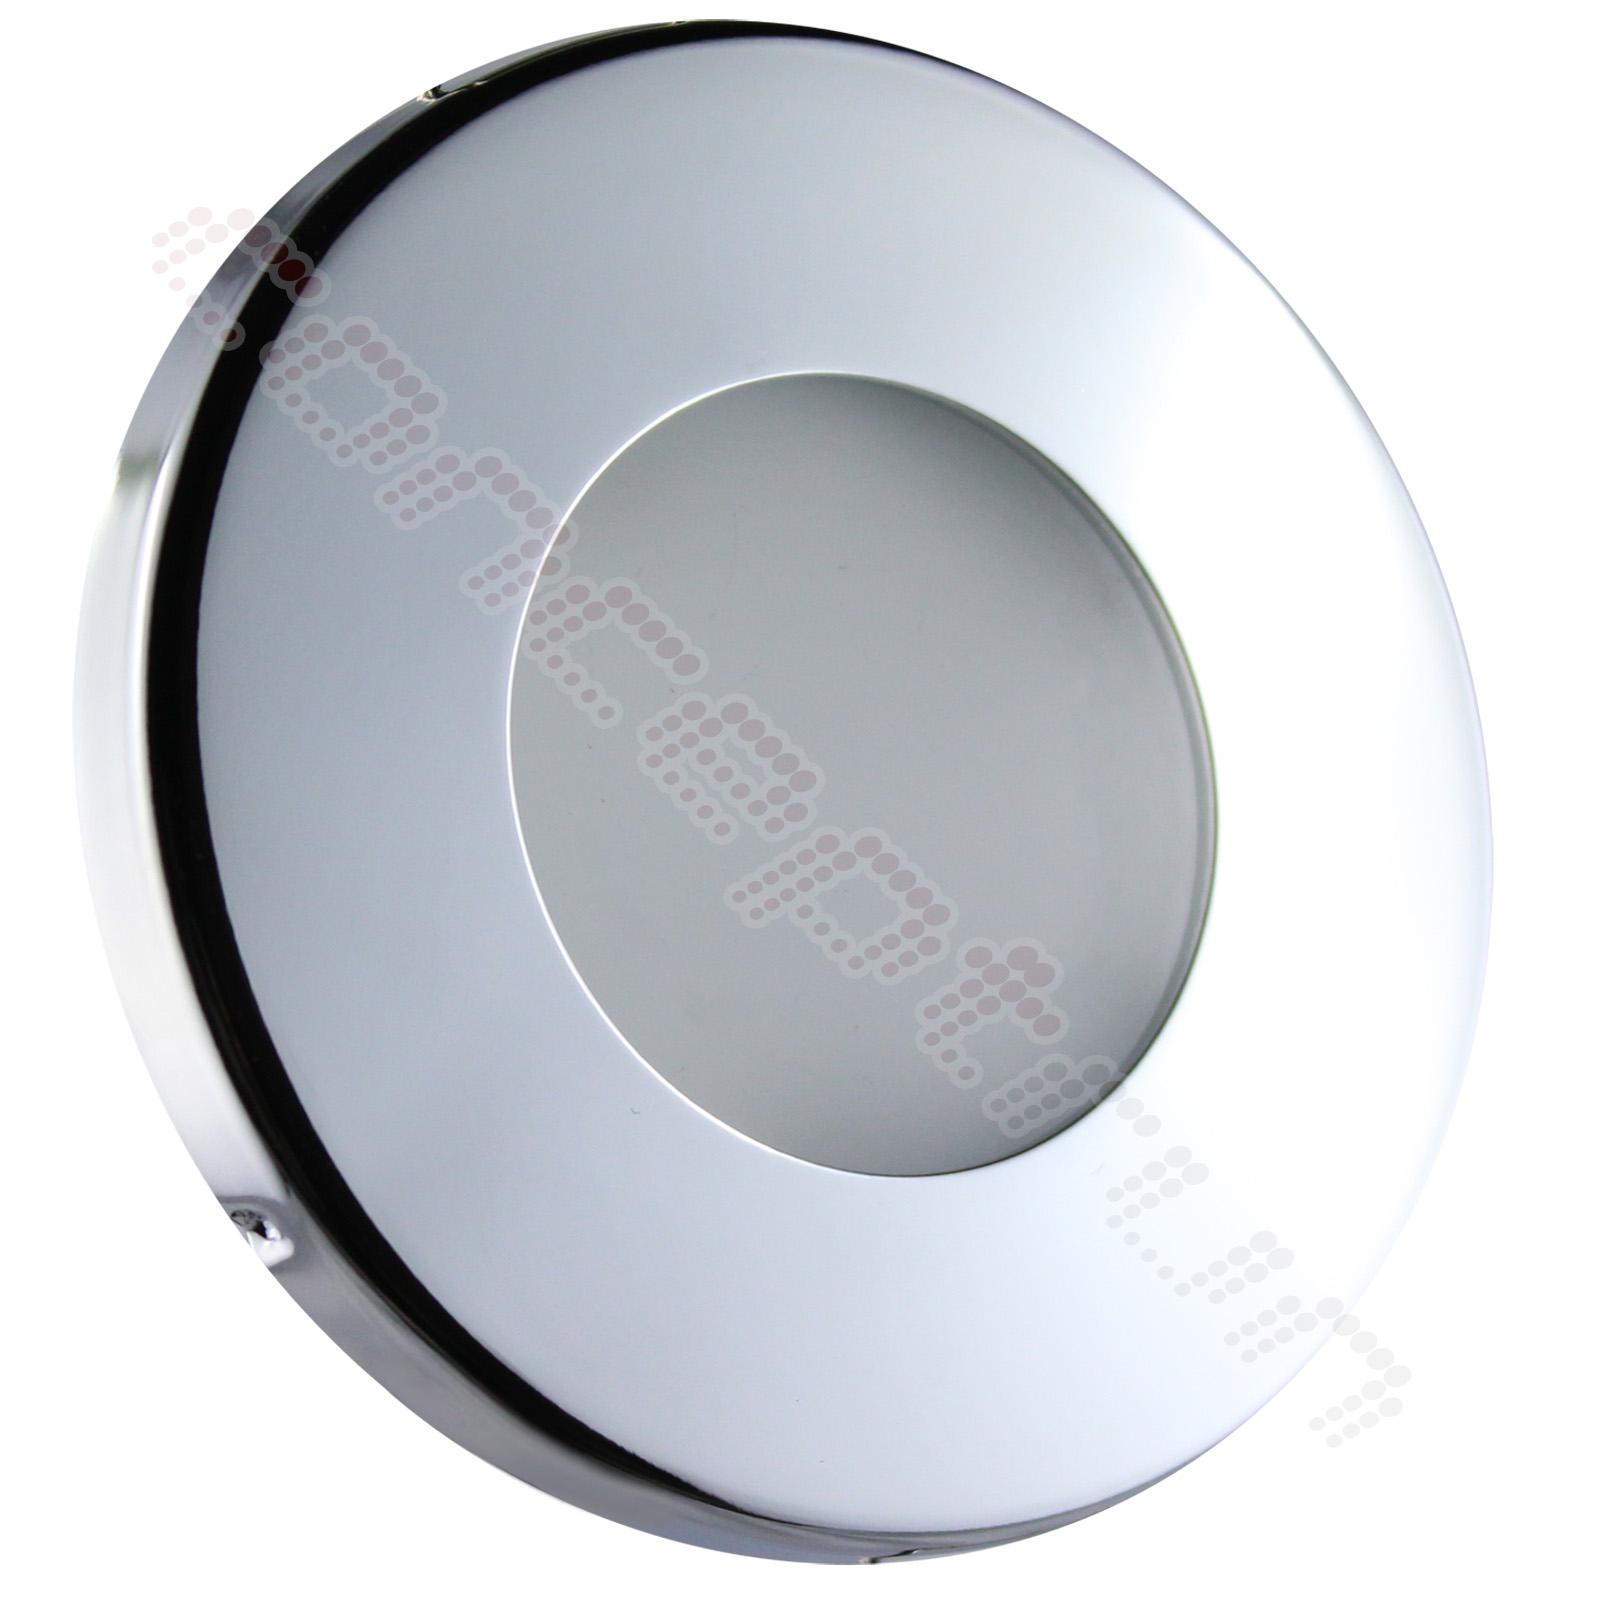 Leuchte ?ber Dusche : Einbaustrahler Nassraum Bad Dusche (IP44-IP65) SET 12V oder 230V